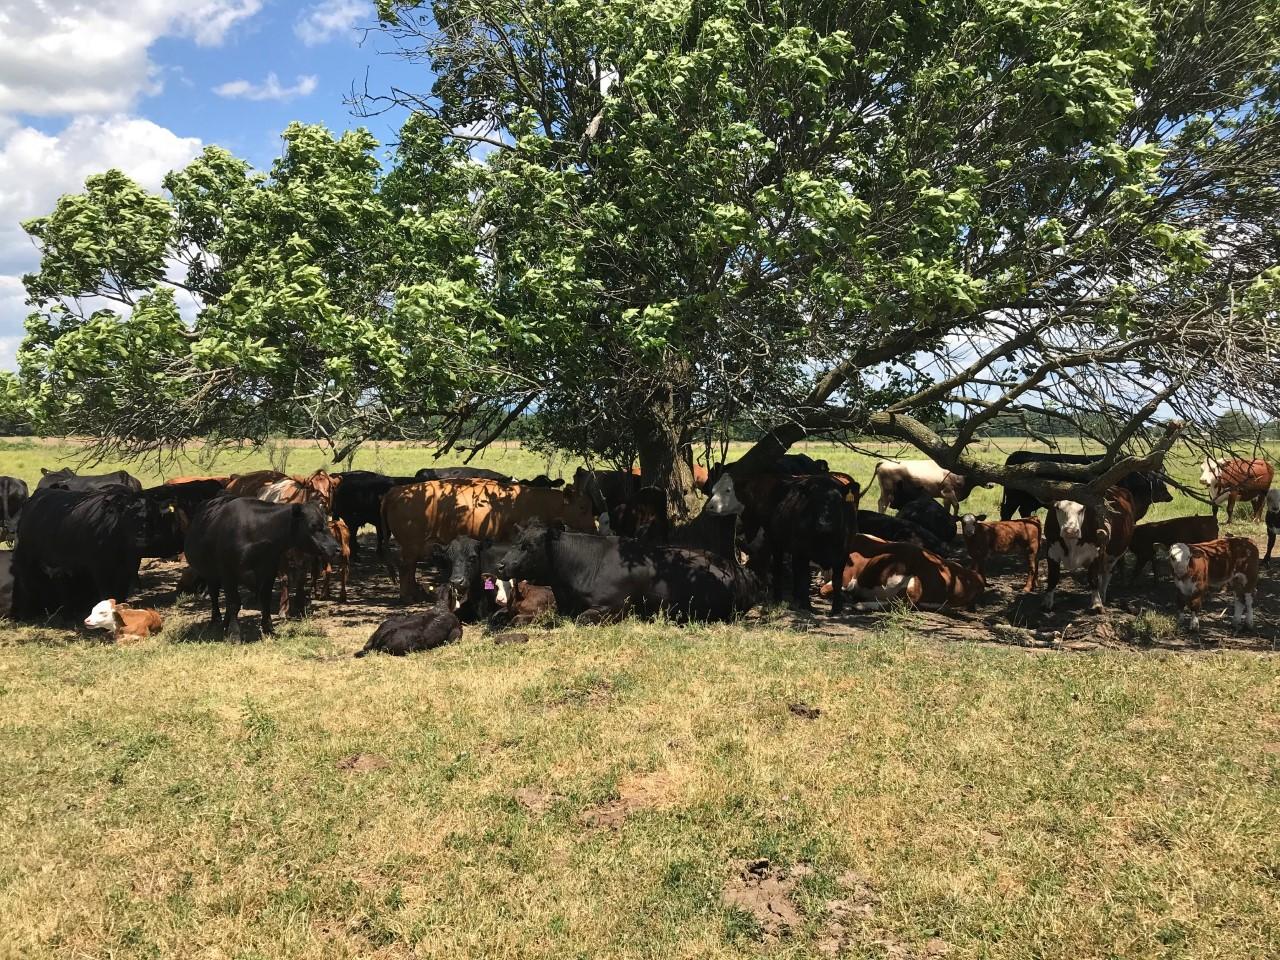 Simply Grazin' NY farm cattle under shade tree